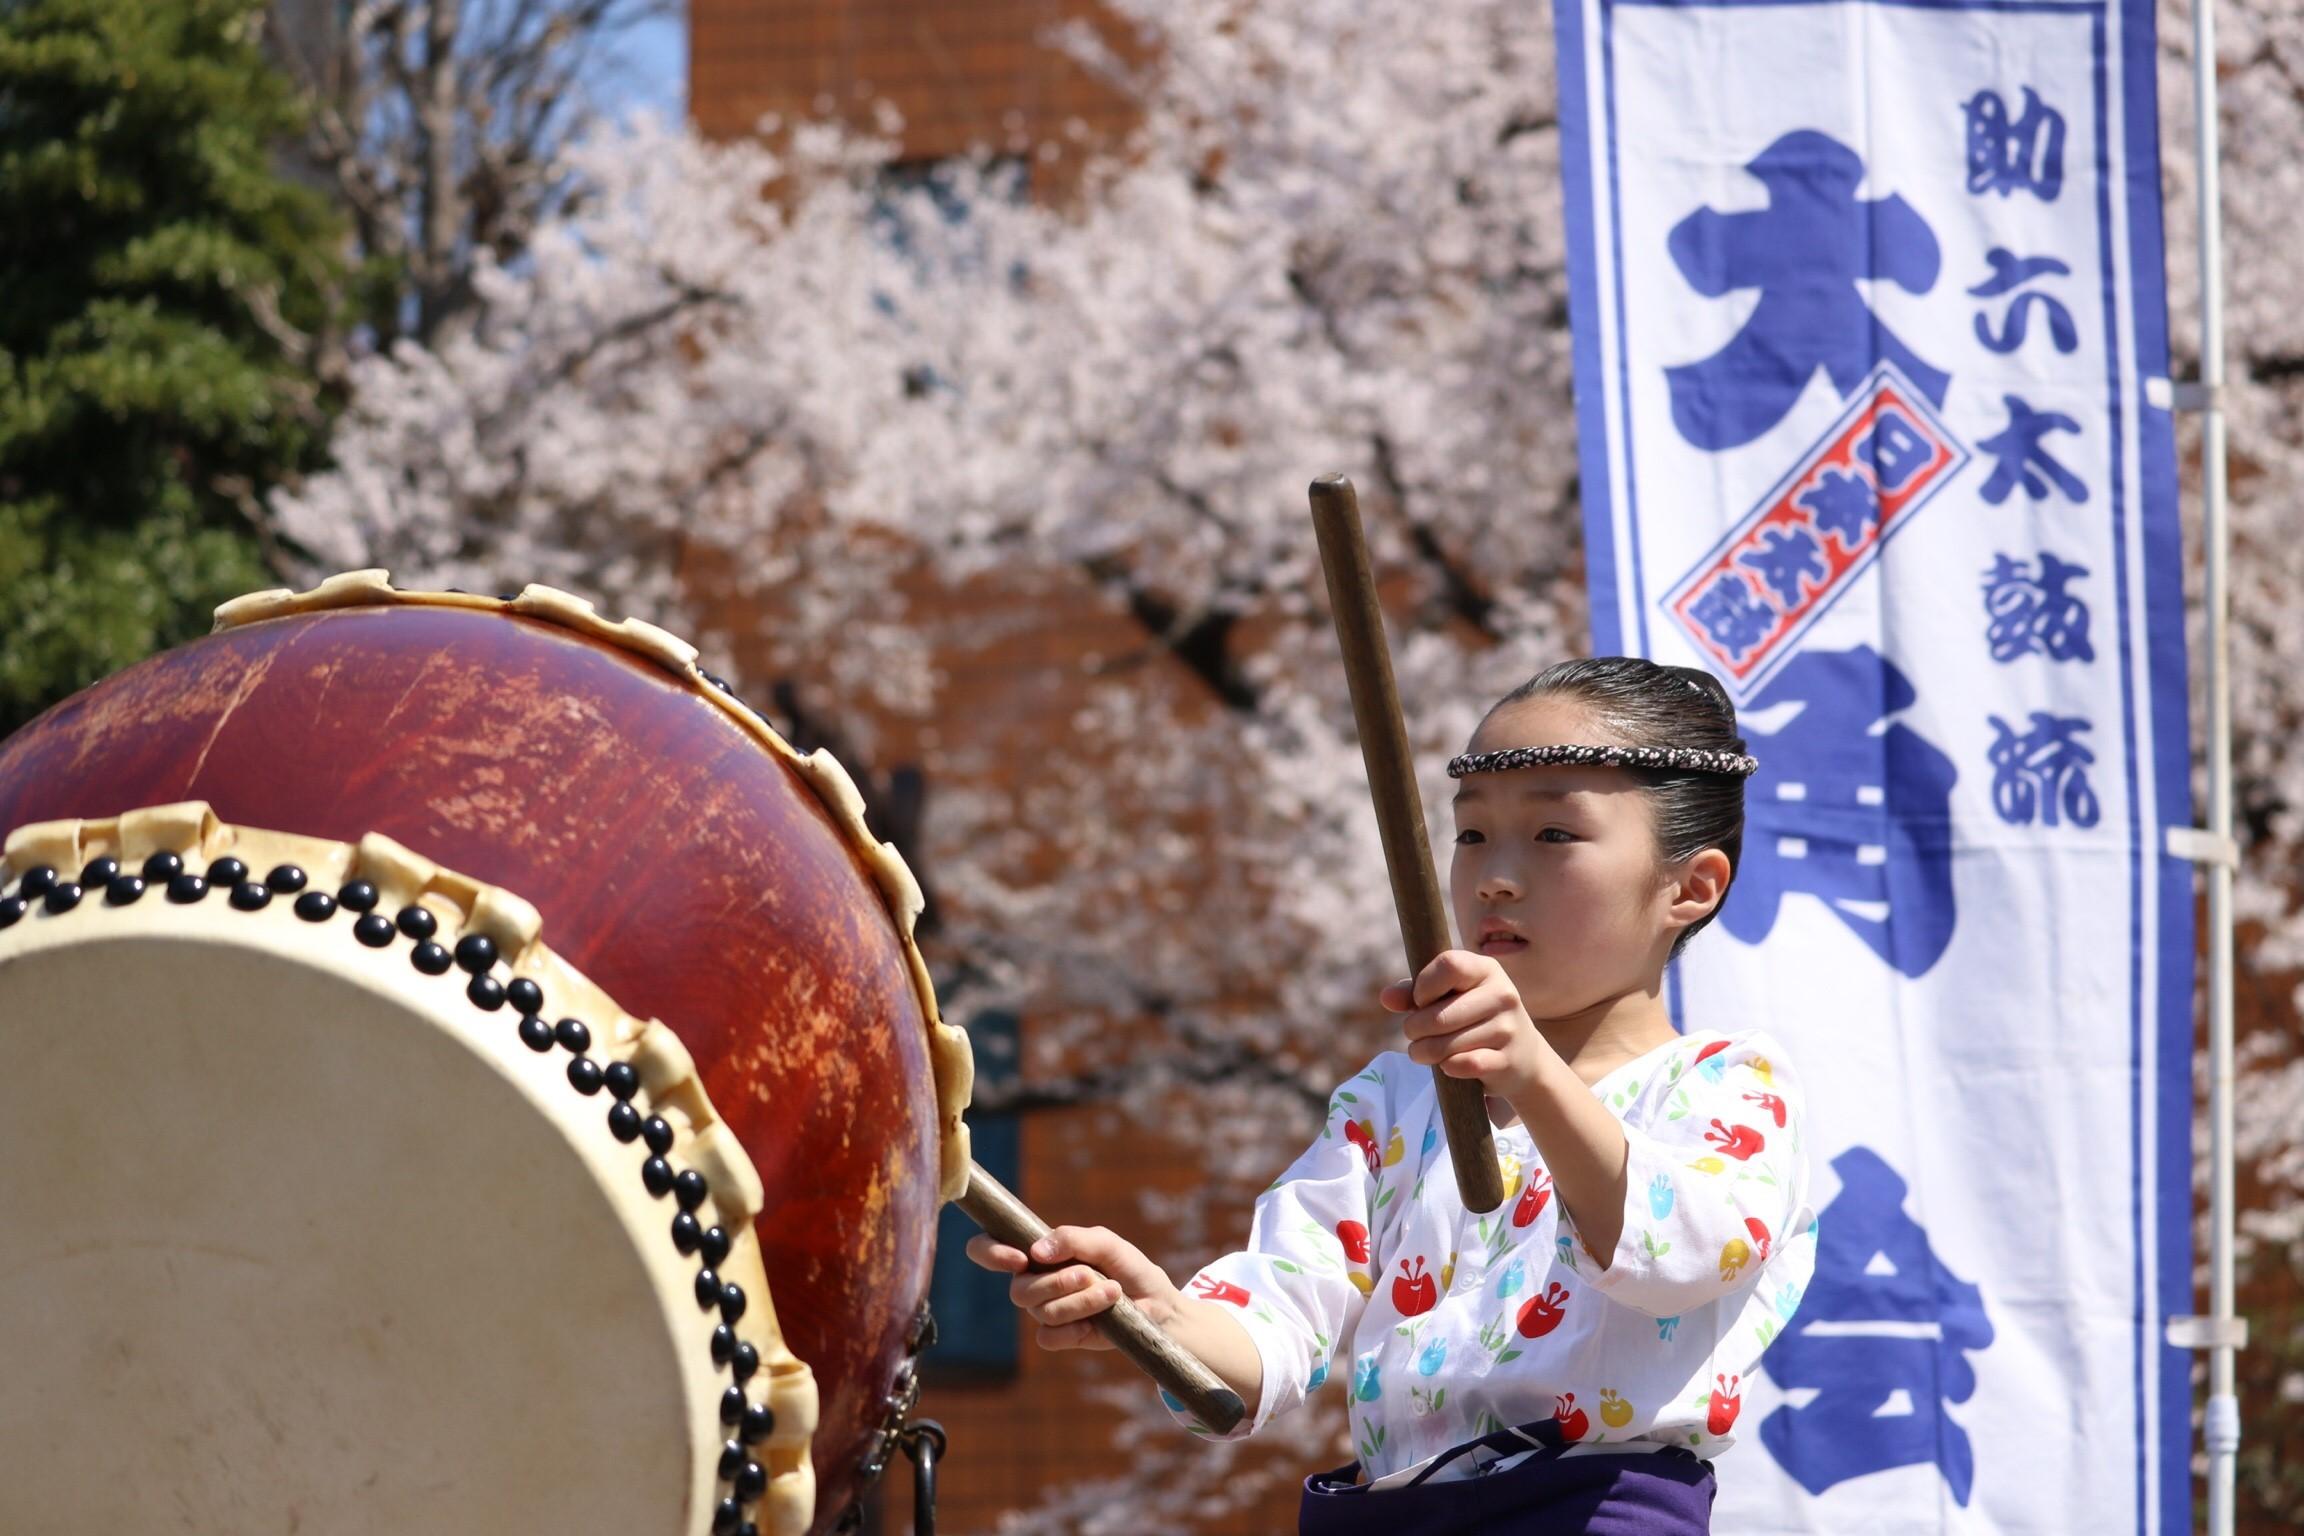 2018/03/25 芝公園盆踊り大会_180325_0047